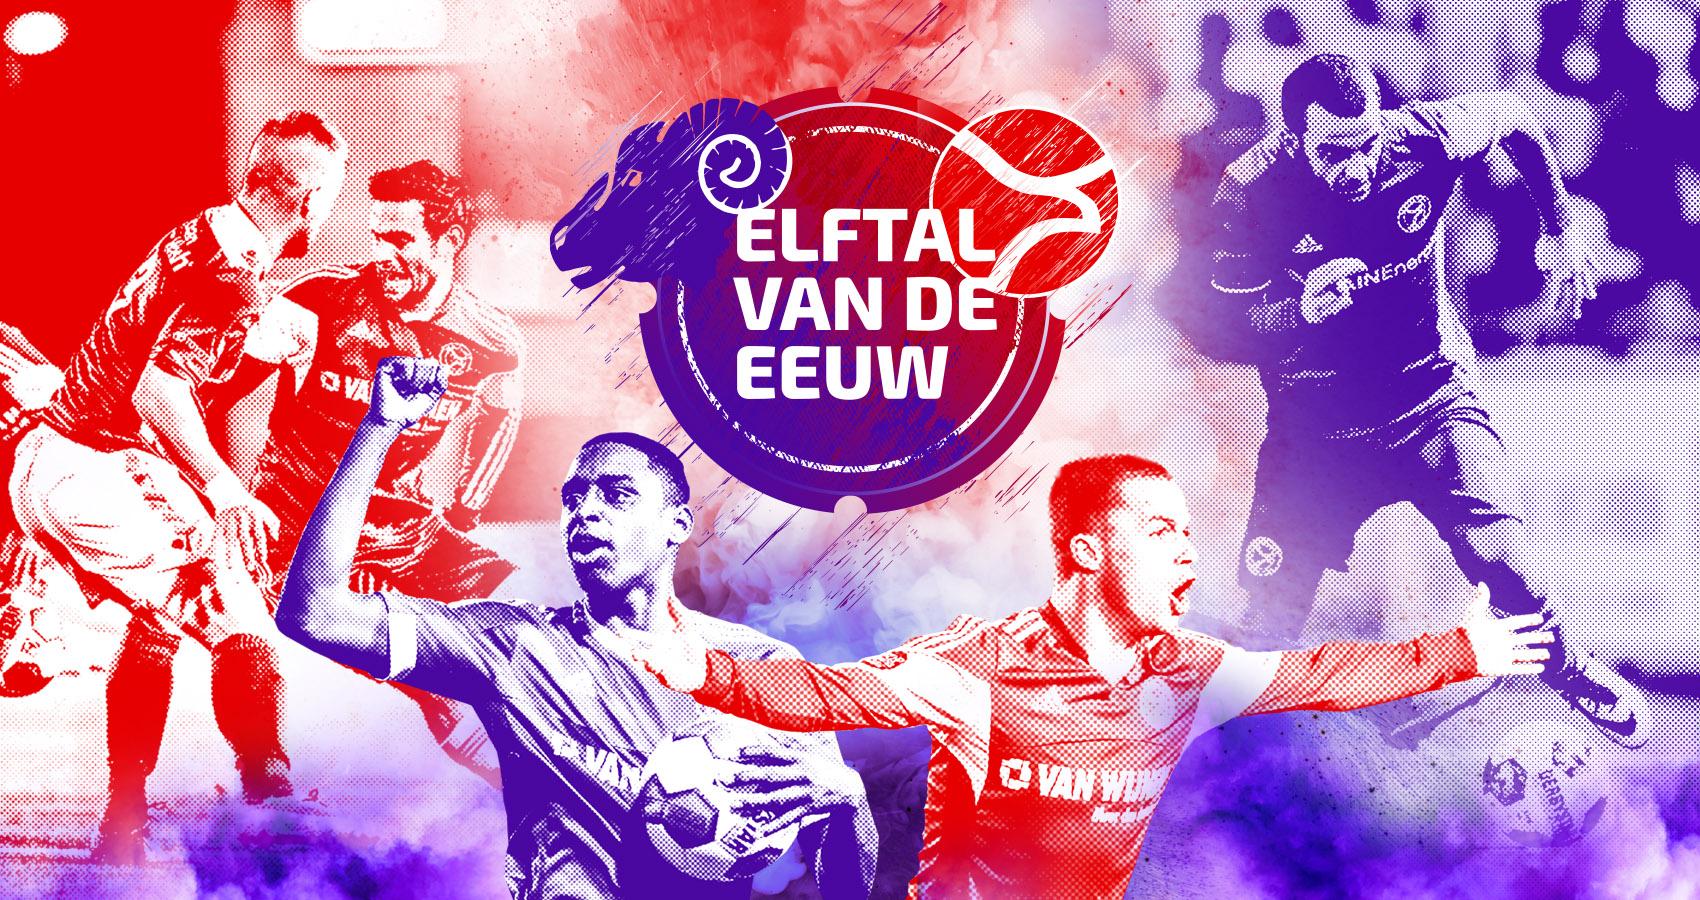 History in the making: Elftal van de Eeuw!